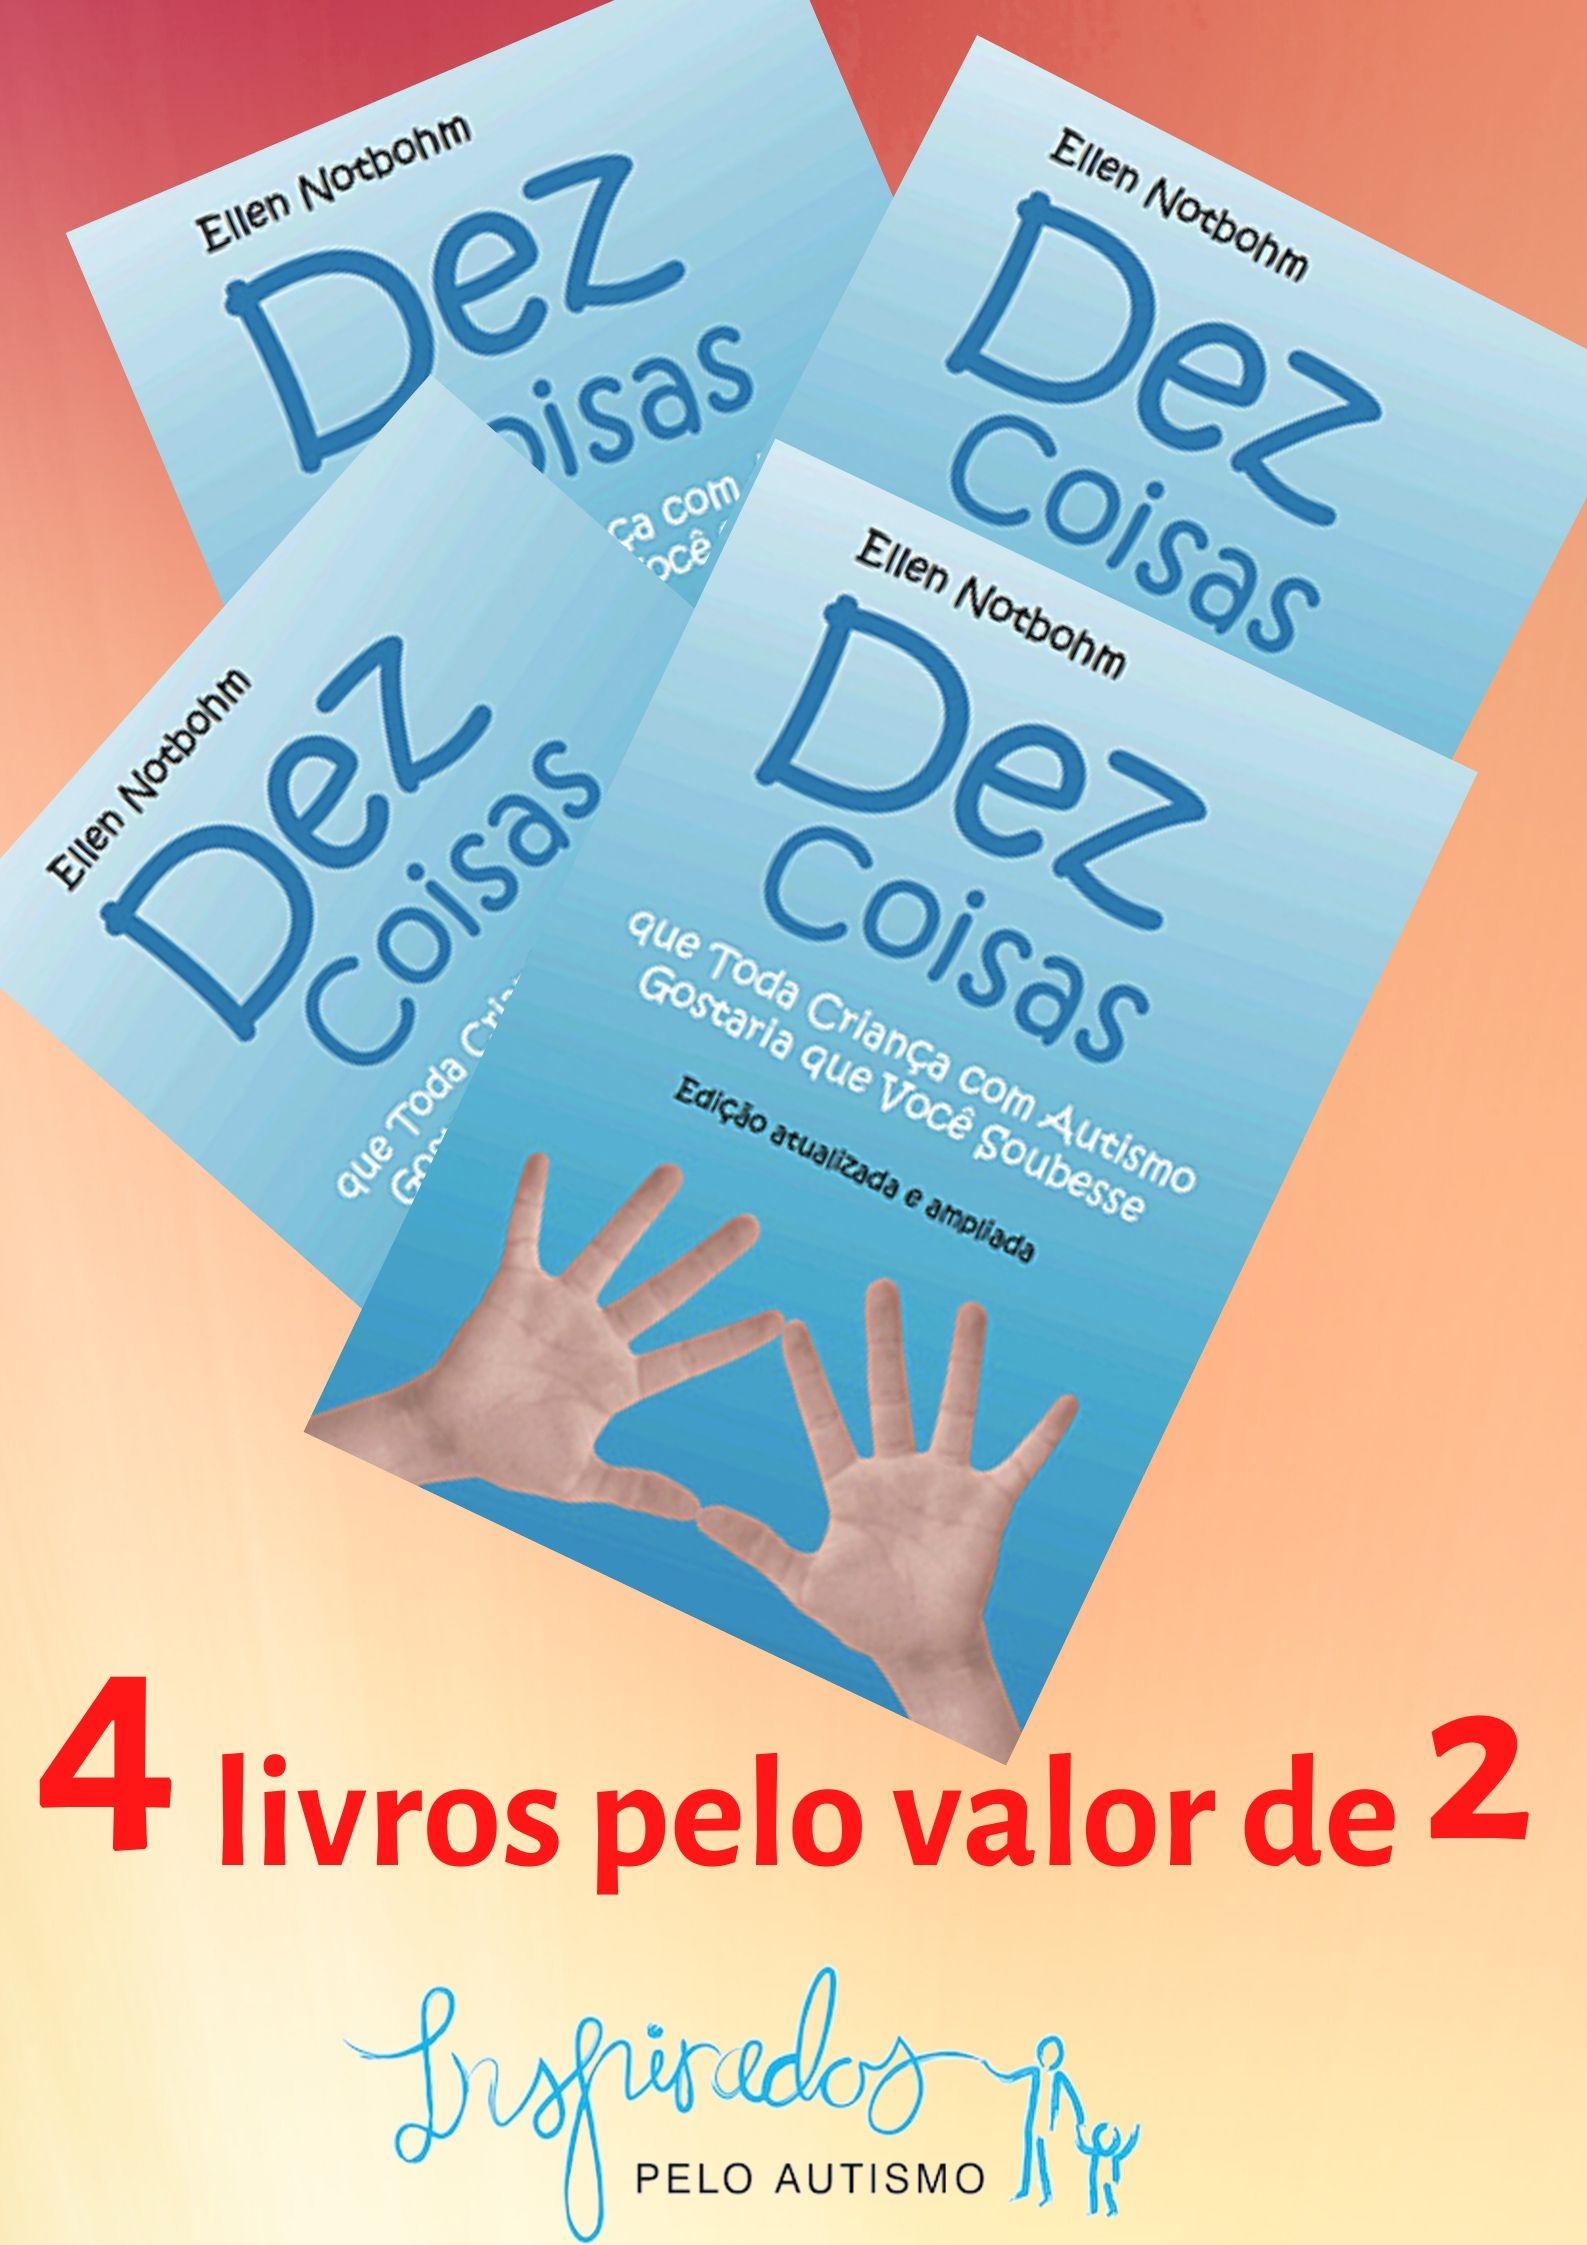 4 livros pelo valor de 2